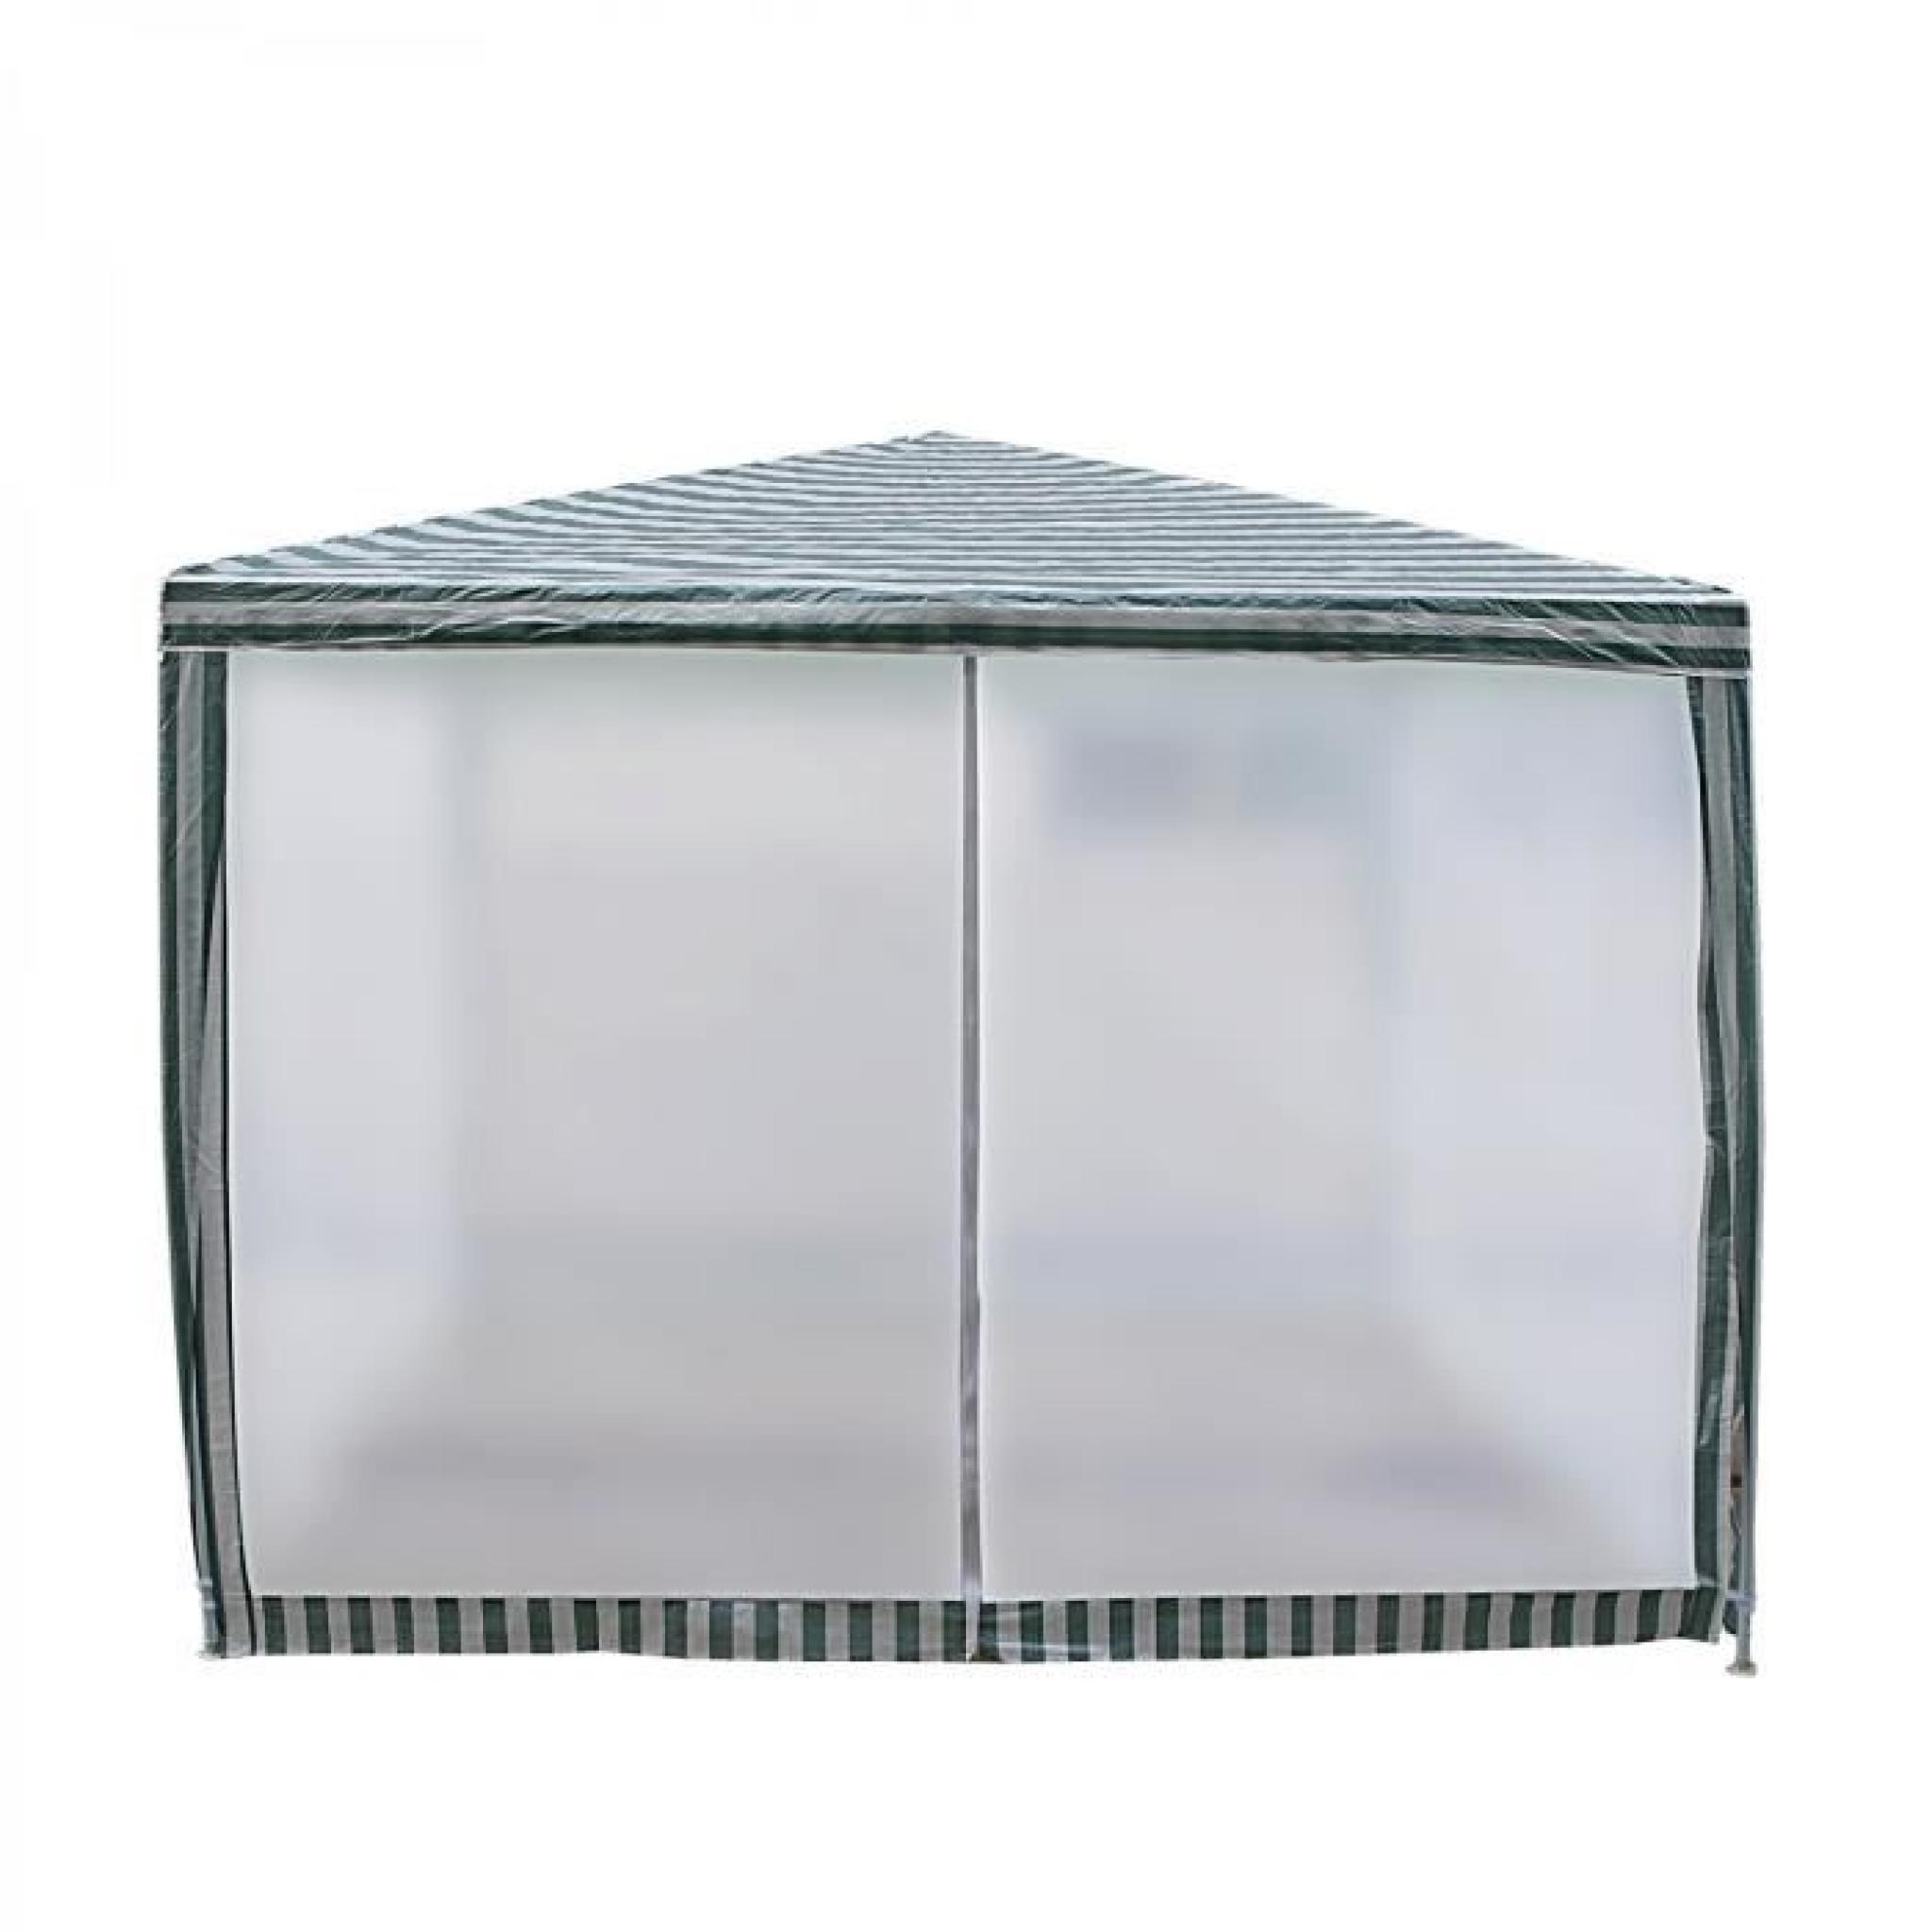 DORAISLAND - Tente de jardin Pergola 3x3m blanc et vert tonnelle